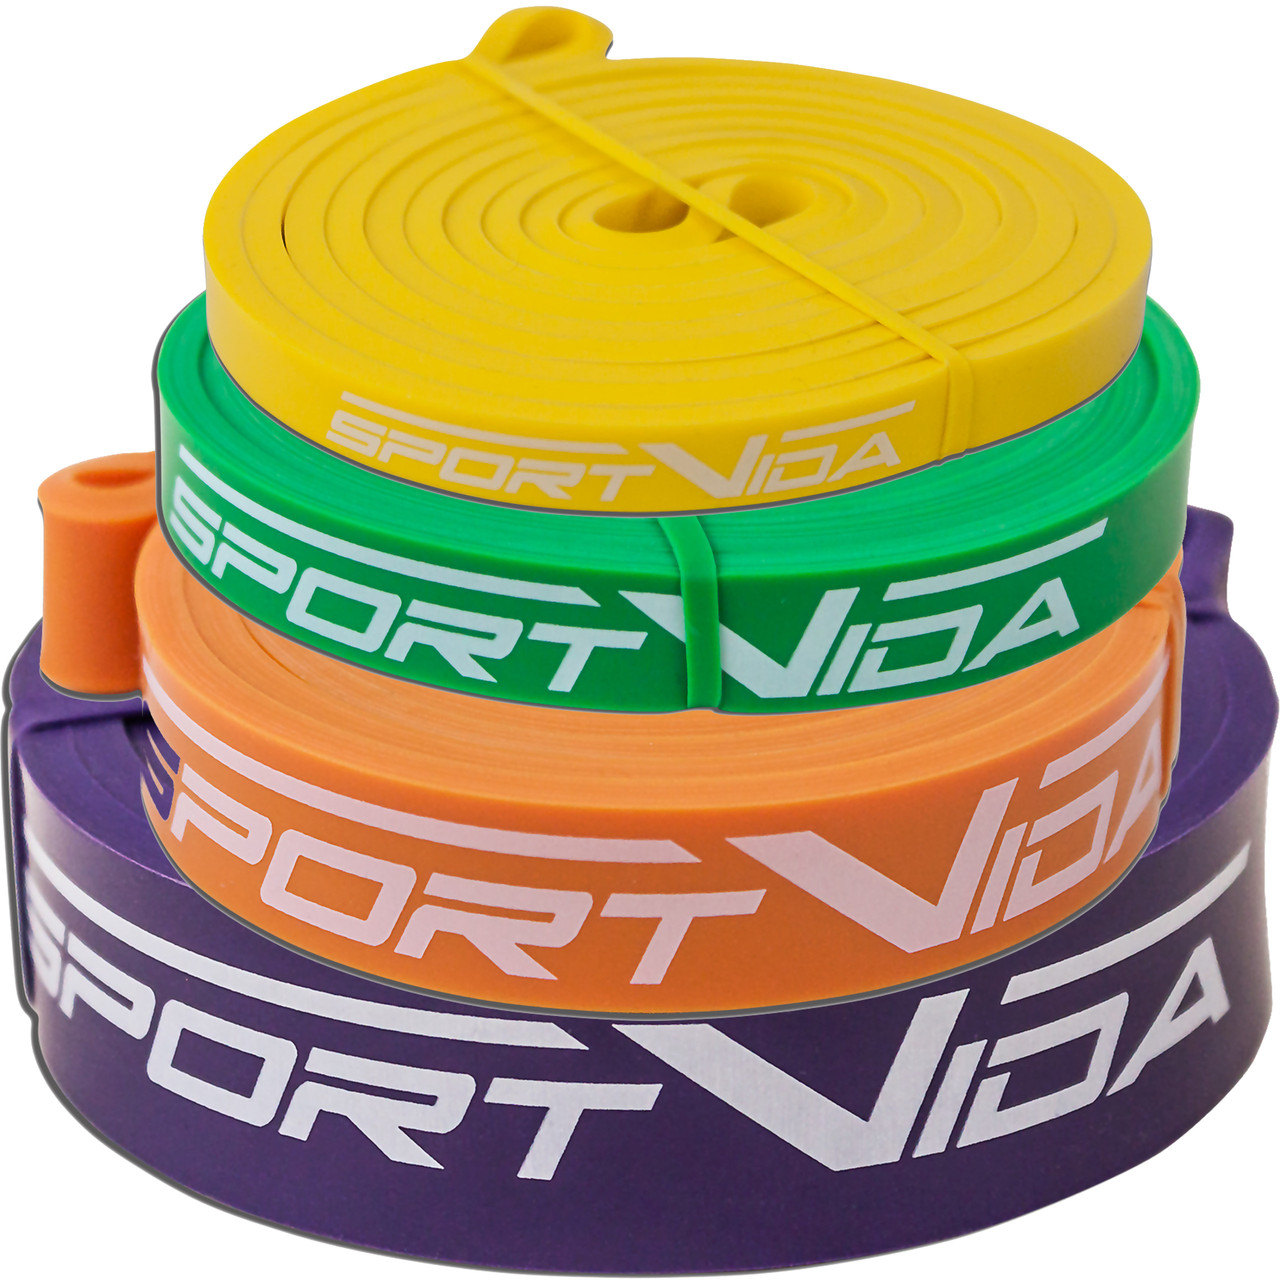 b88e1fe696b3 Эспандер-ленточный (резинка для фитнеса и спорта) SportVida Power Band 4 шт  0-26 кг SV-HK004-3456